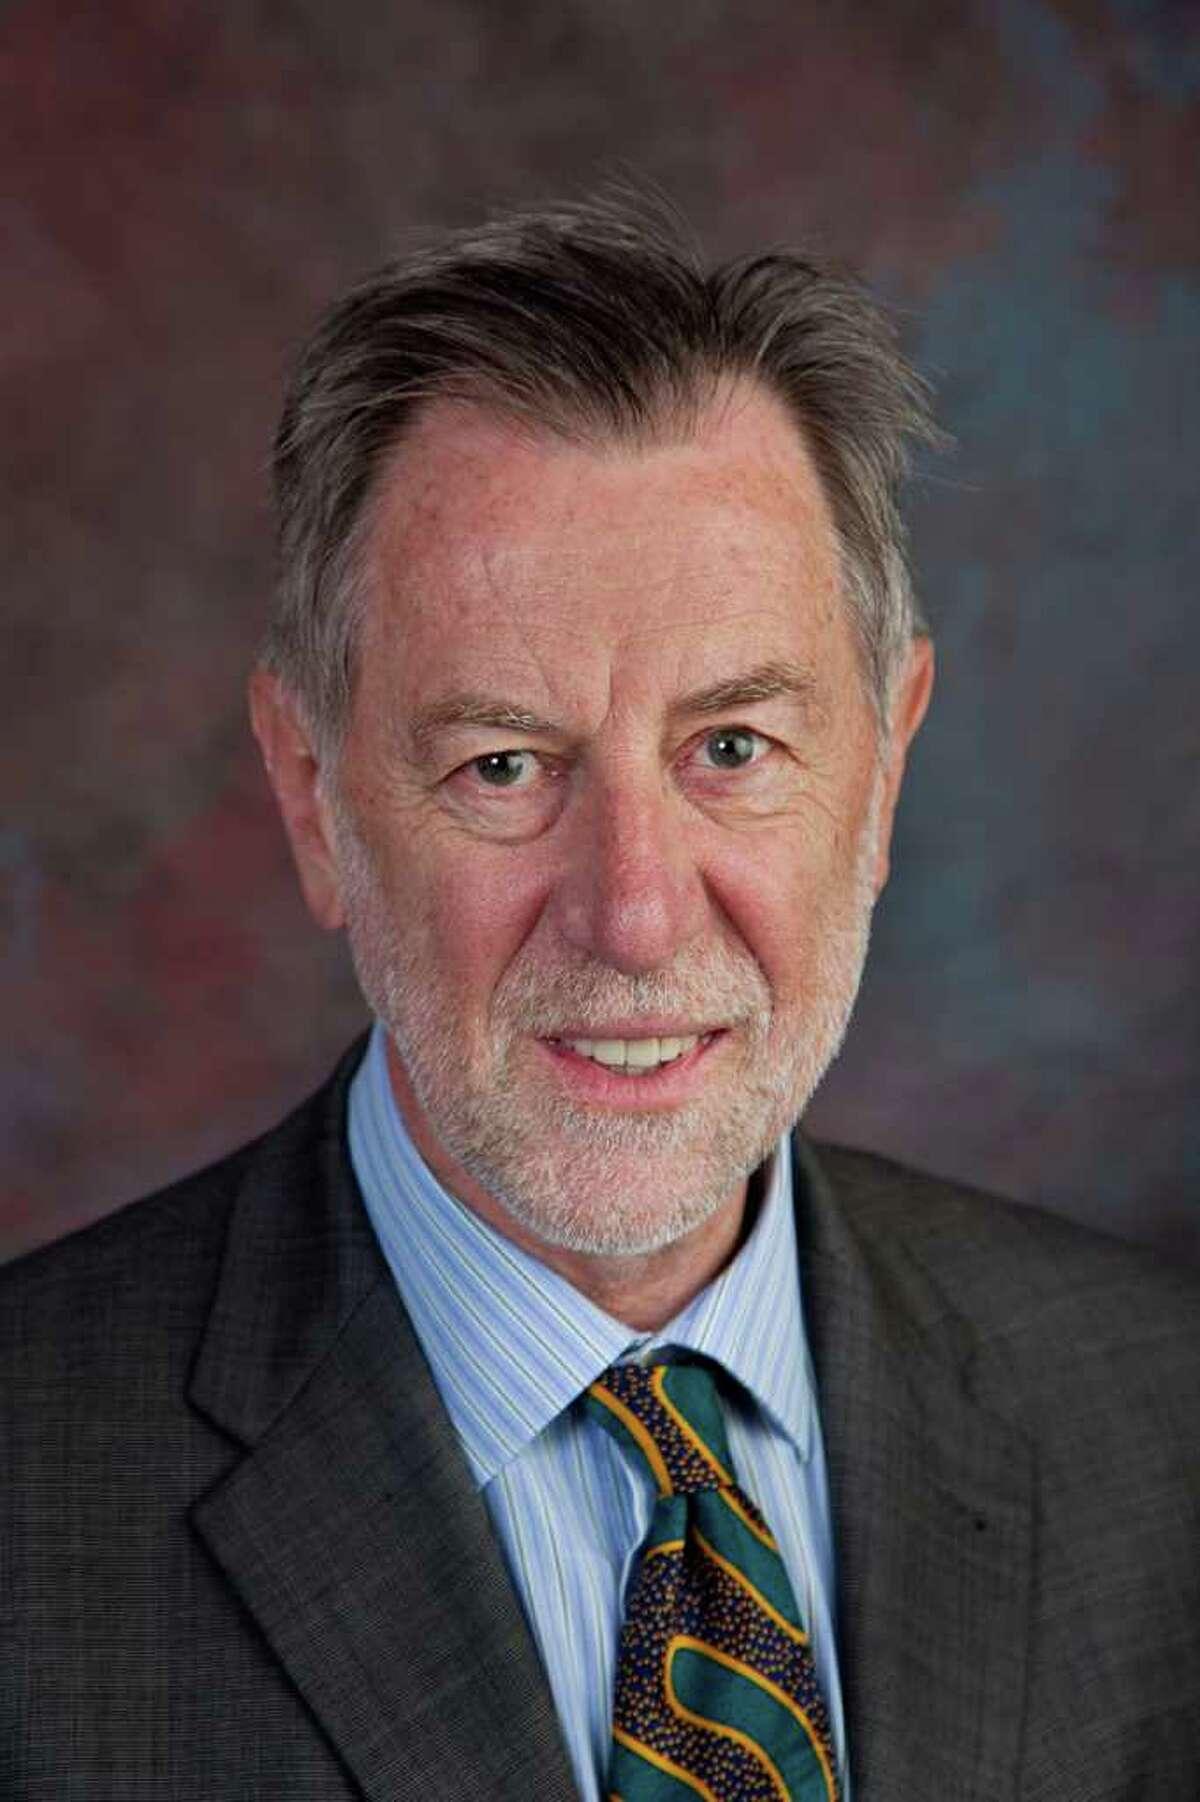 Dennis Ahlburg is president of Trinity University